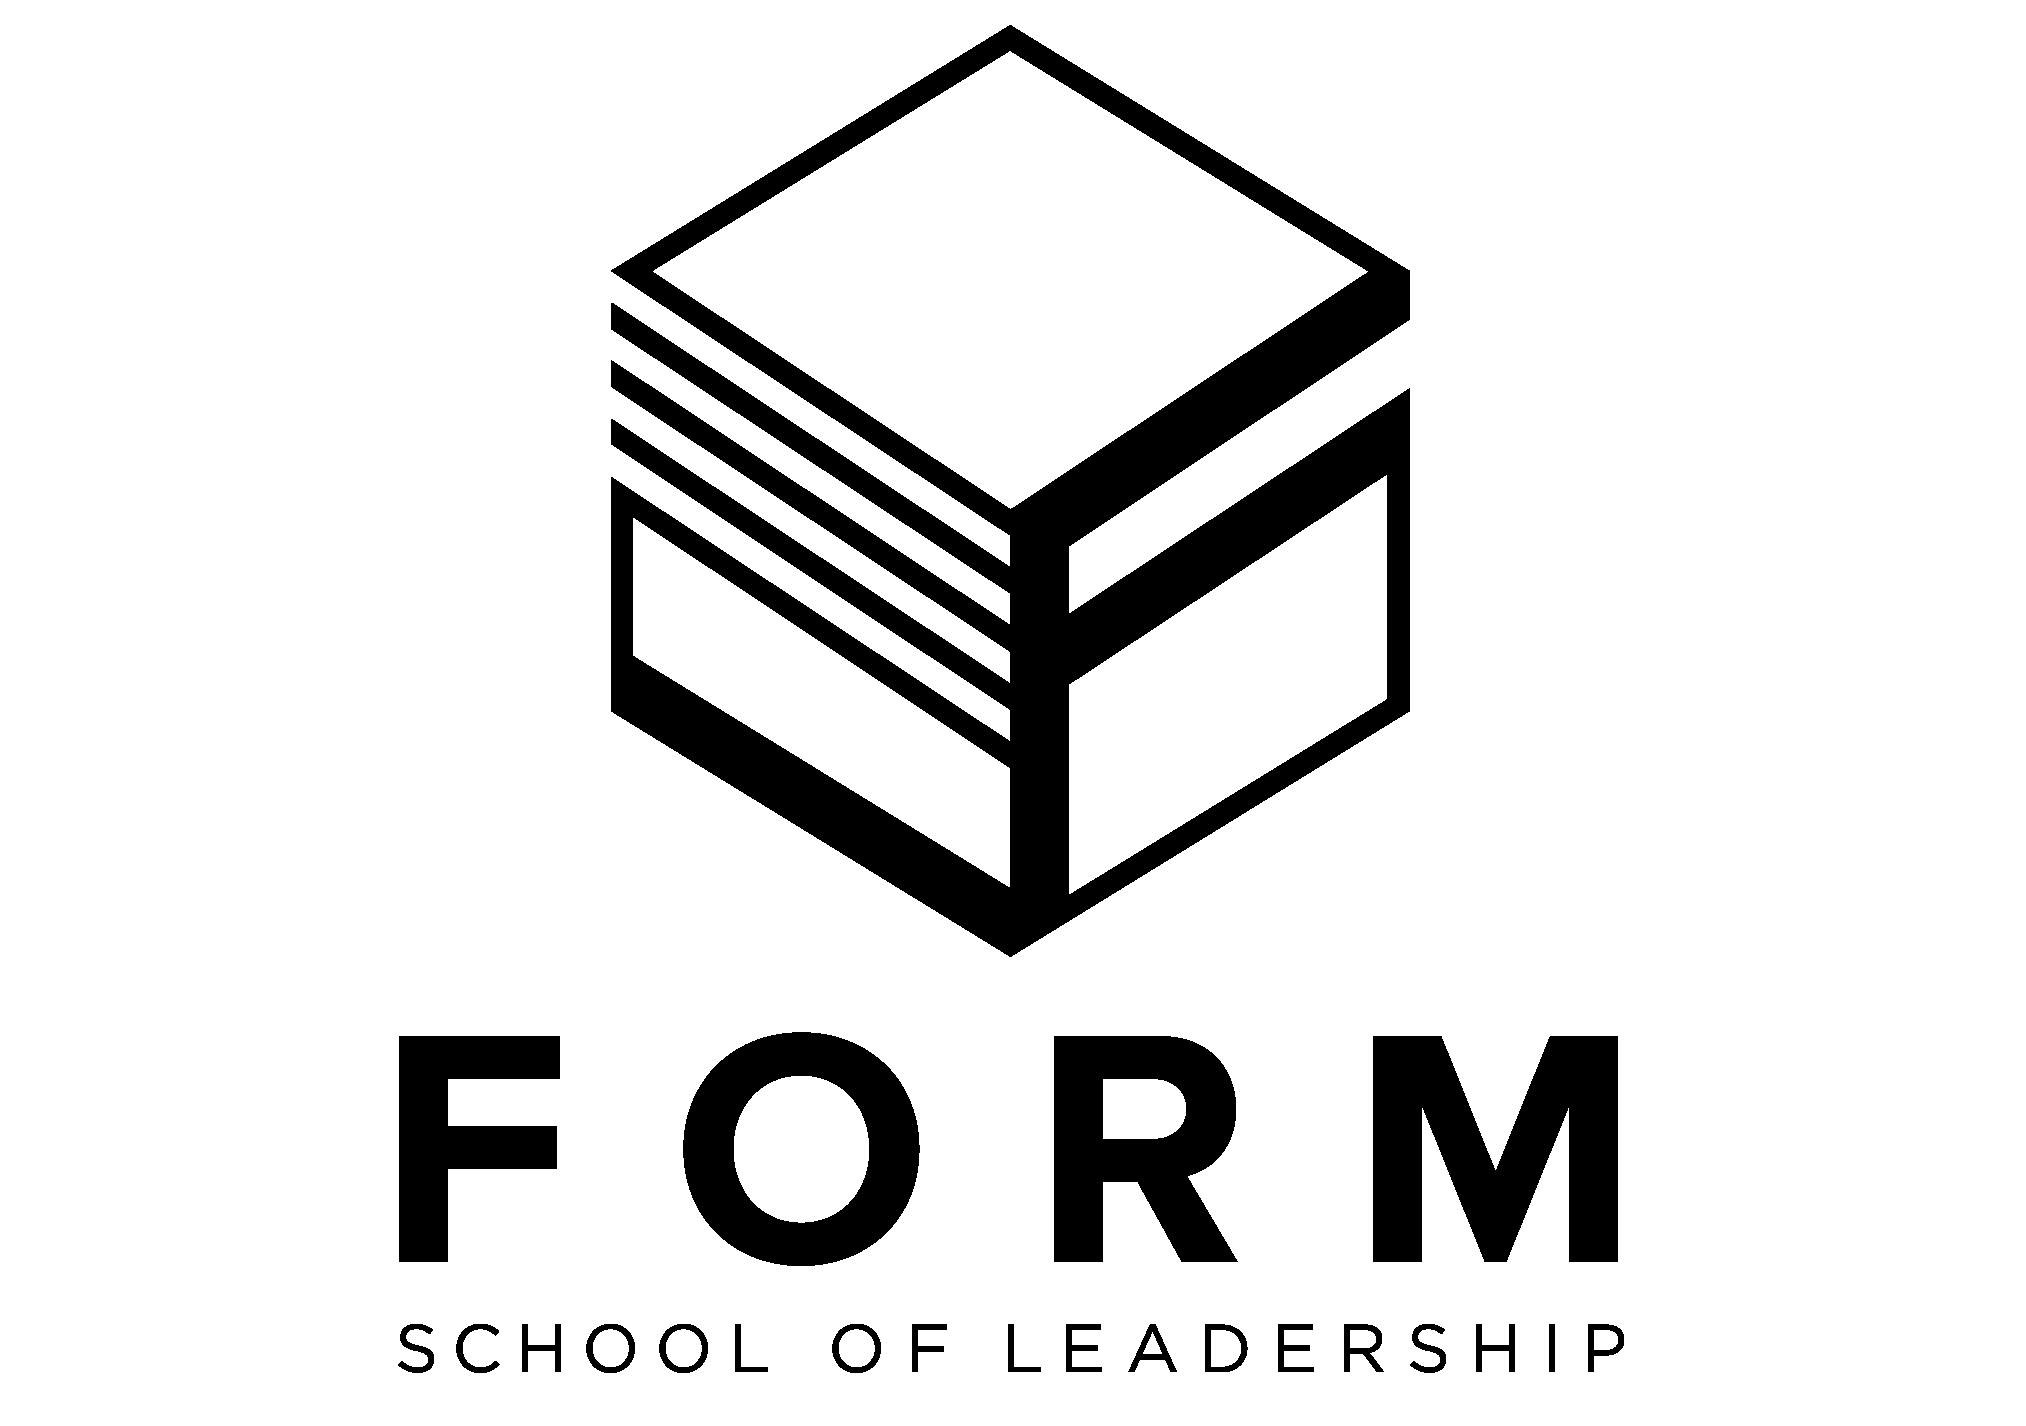 FORM_websitelogo-06.png